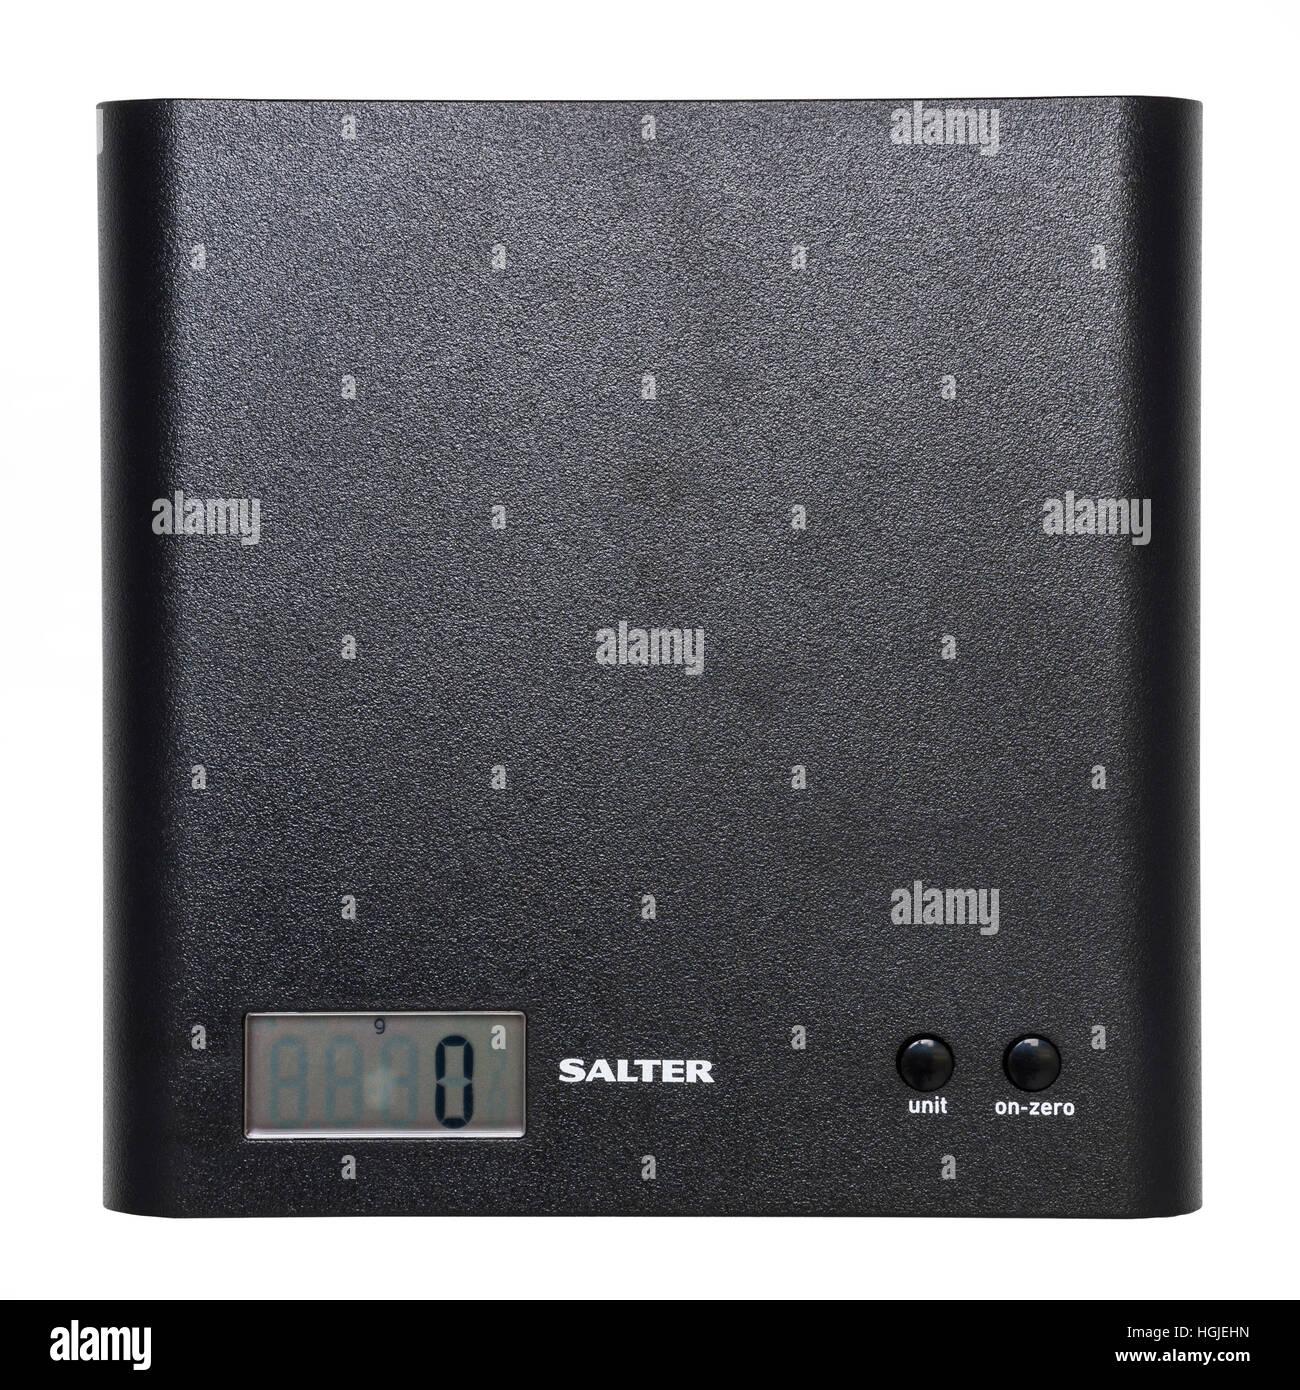 Un conjunto de Salter báscula de cocina digital sobre un fondo blanco. Imagen De Stock